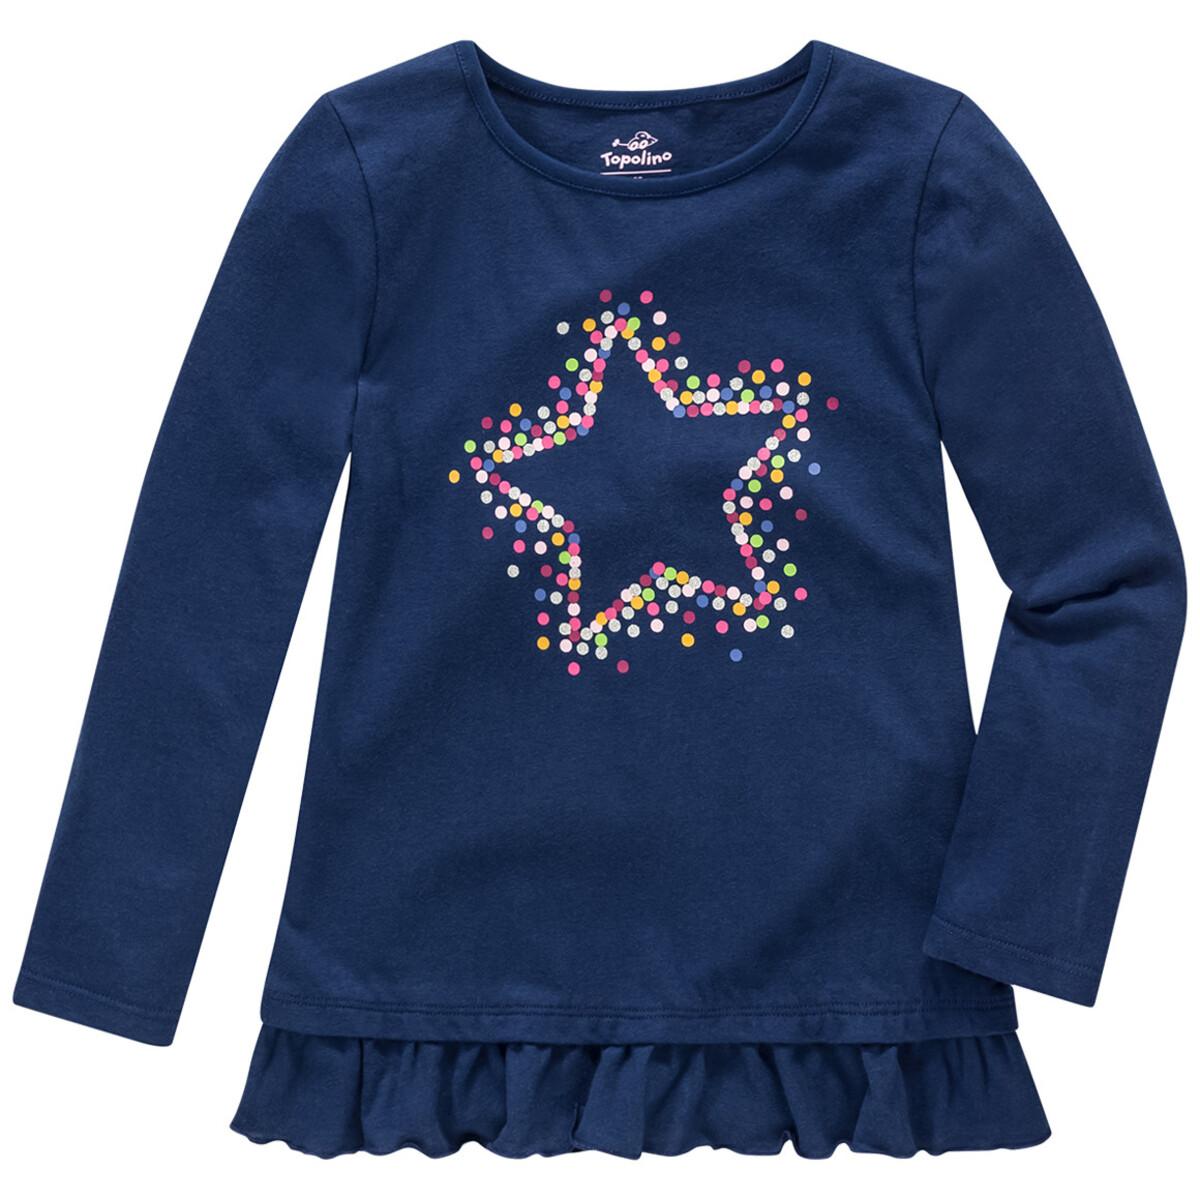 Bild 1 von Mädchen Langarmshirt mit Stern-Print